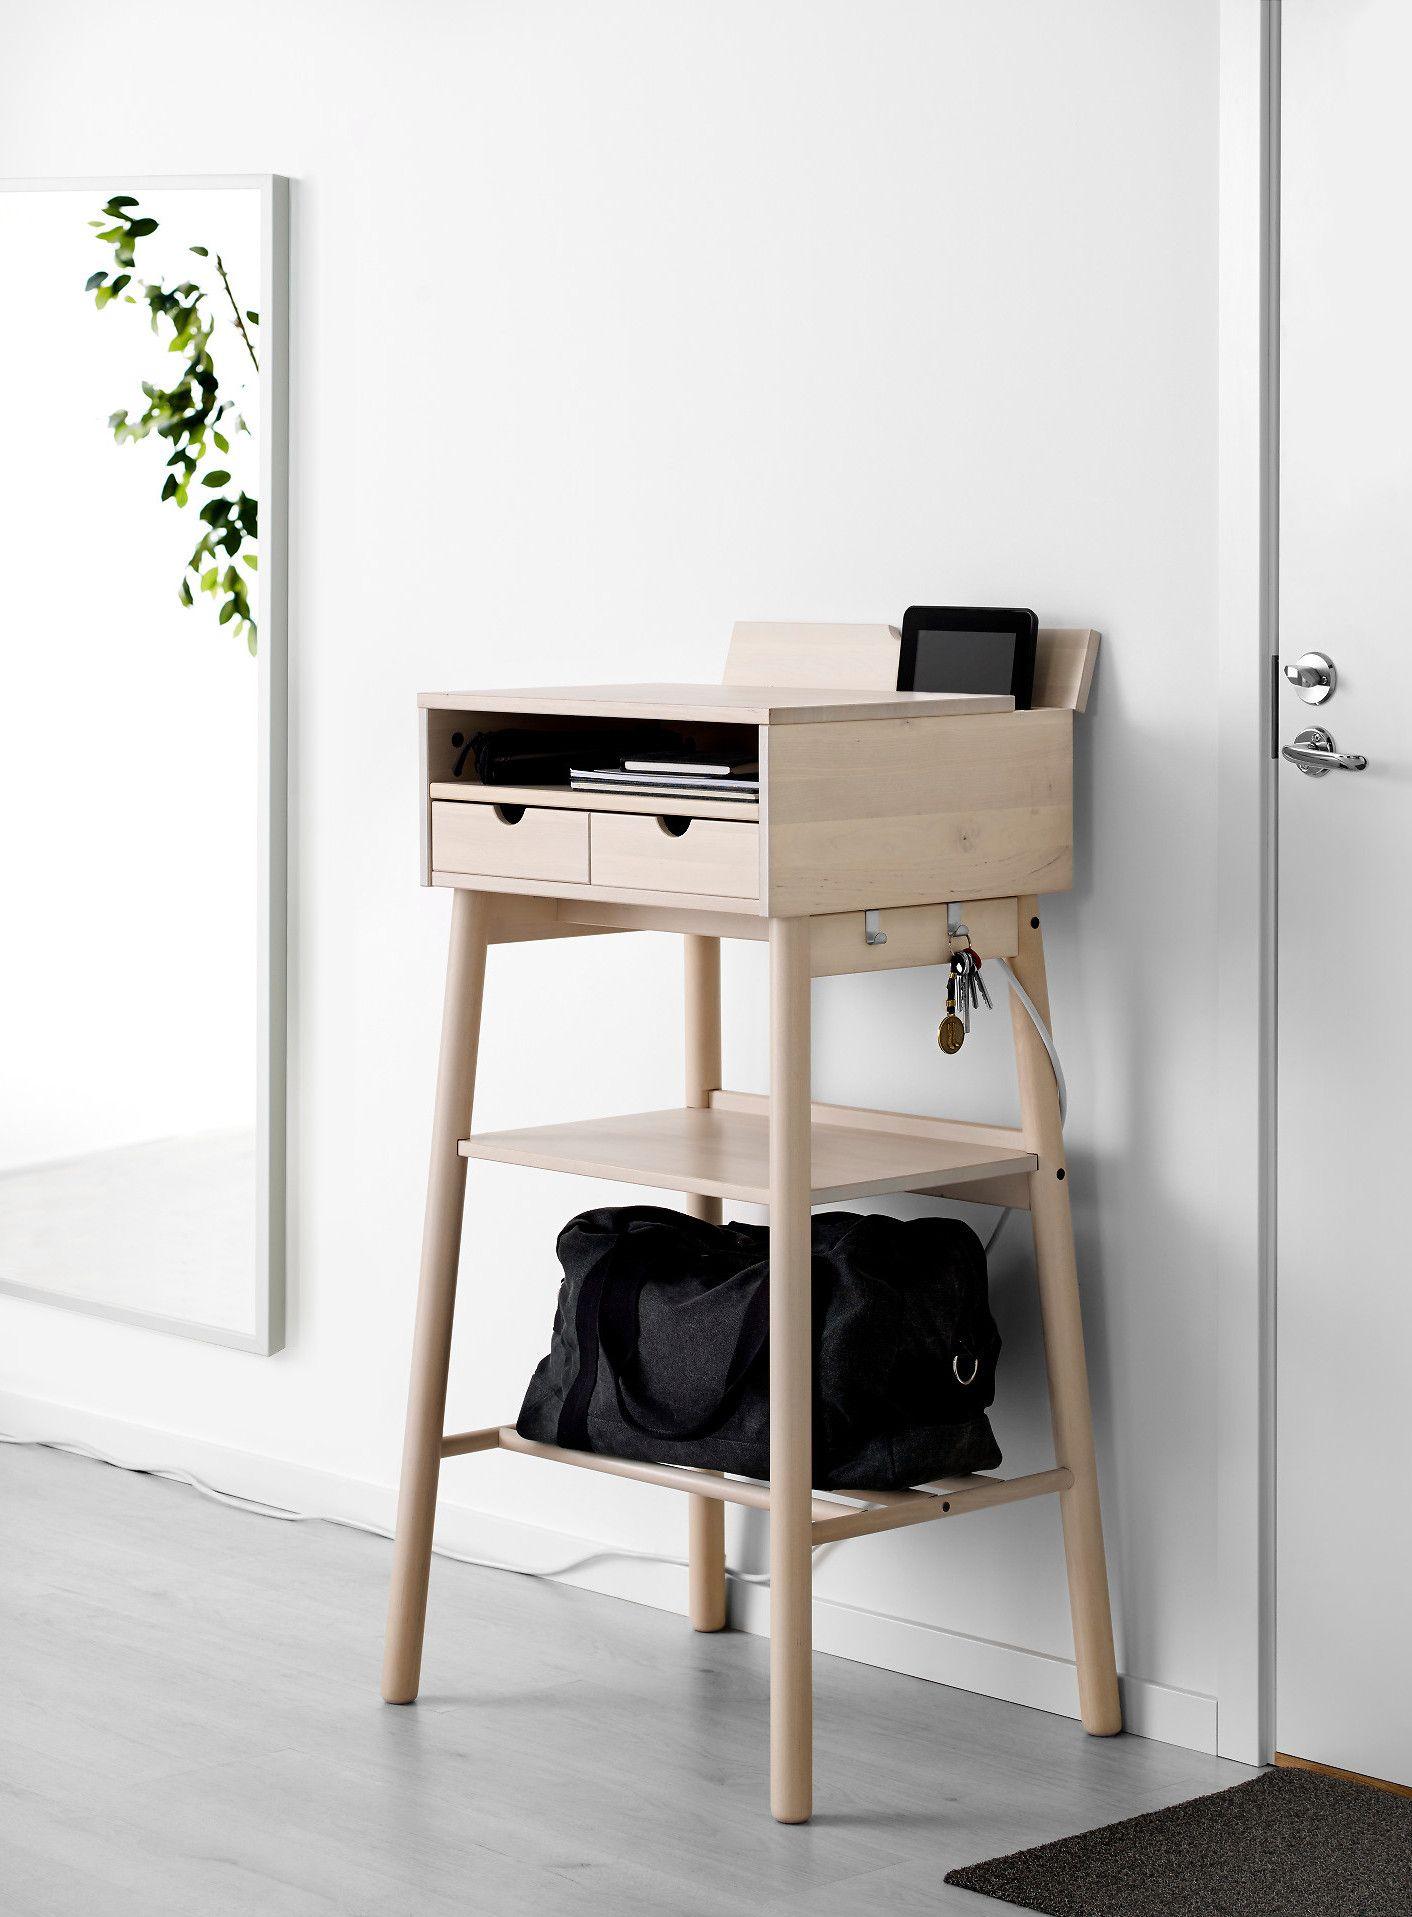 Pour Ceux Qui Travaillent Debout Bureau Debout Pinterest Ikea